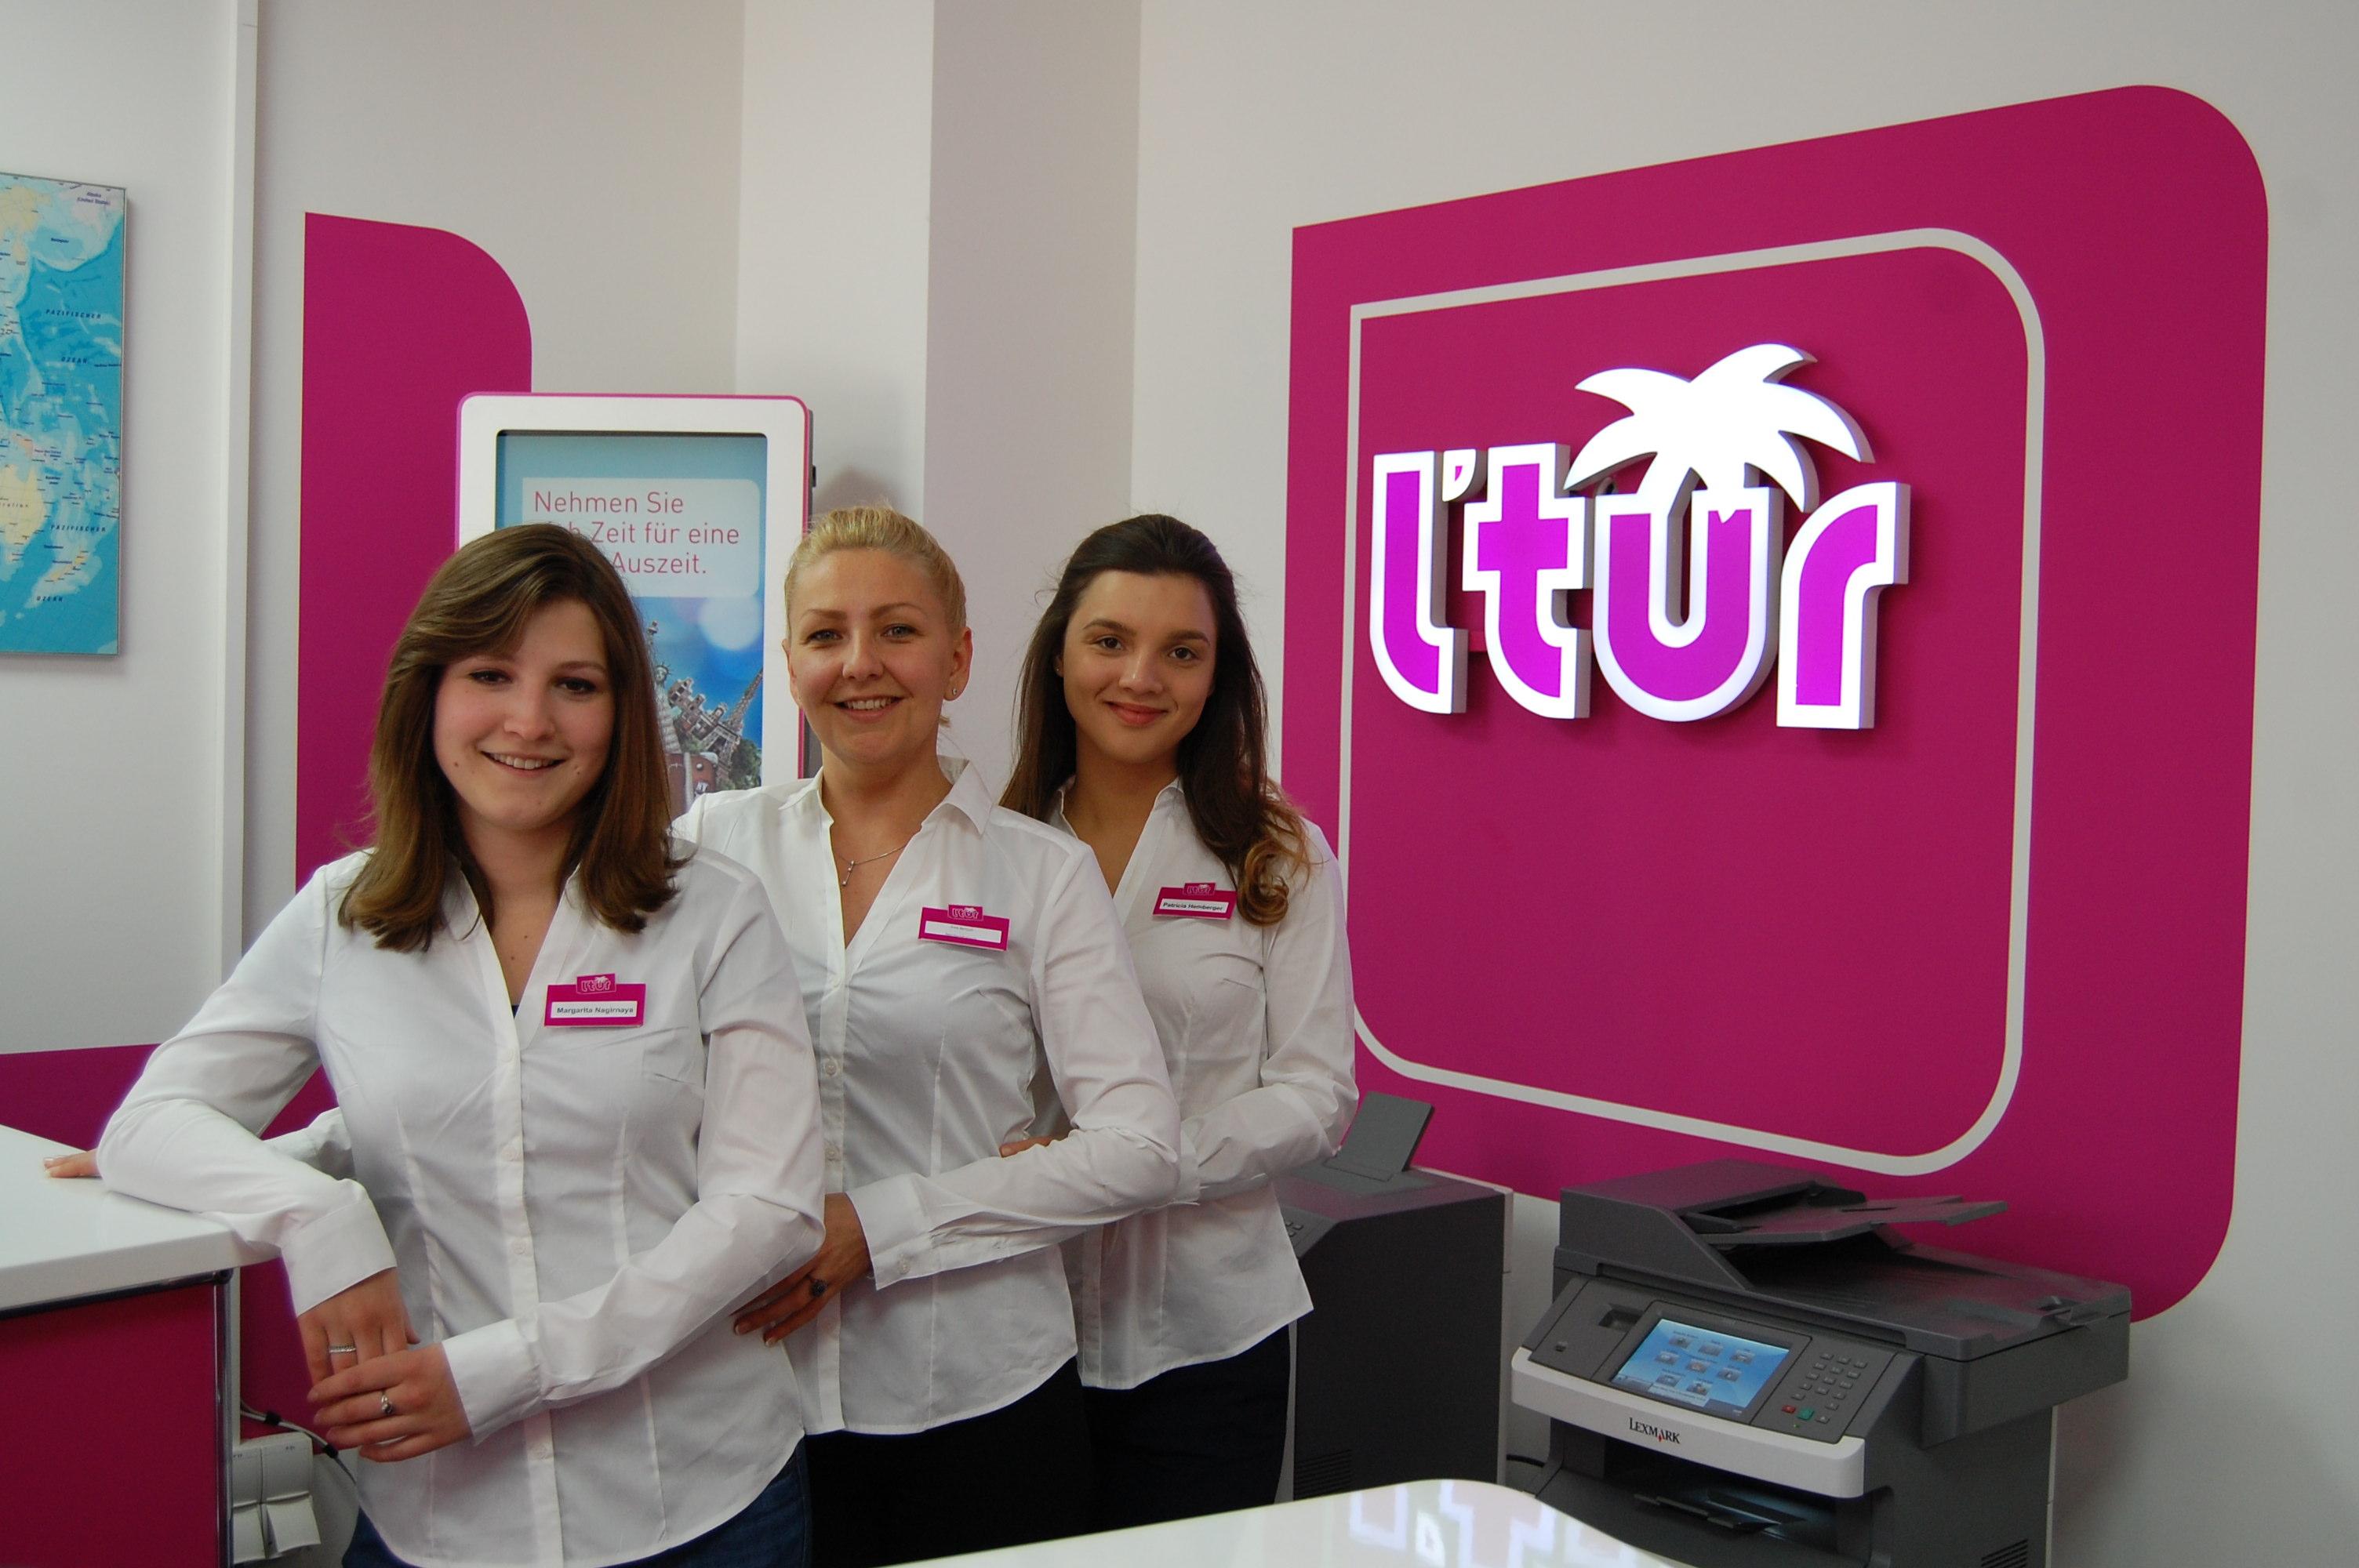 l'tur Reise-Shop Augsburg